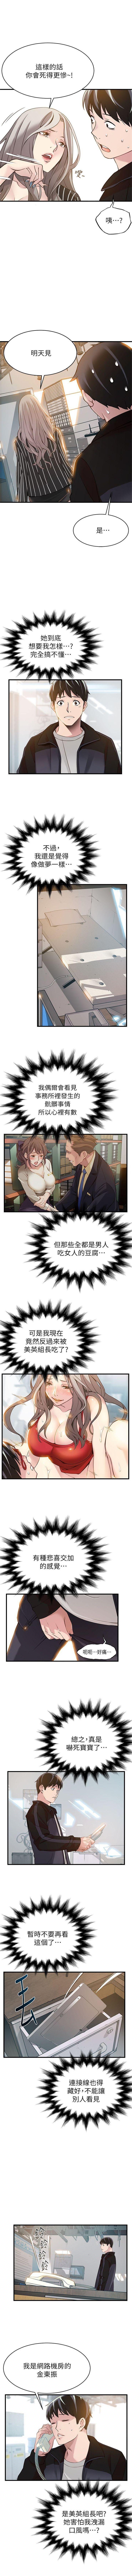 (週7)弱點 1-76 中文翻譯(更新中) 27